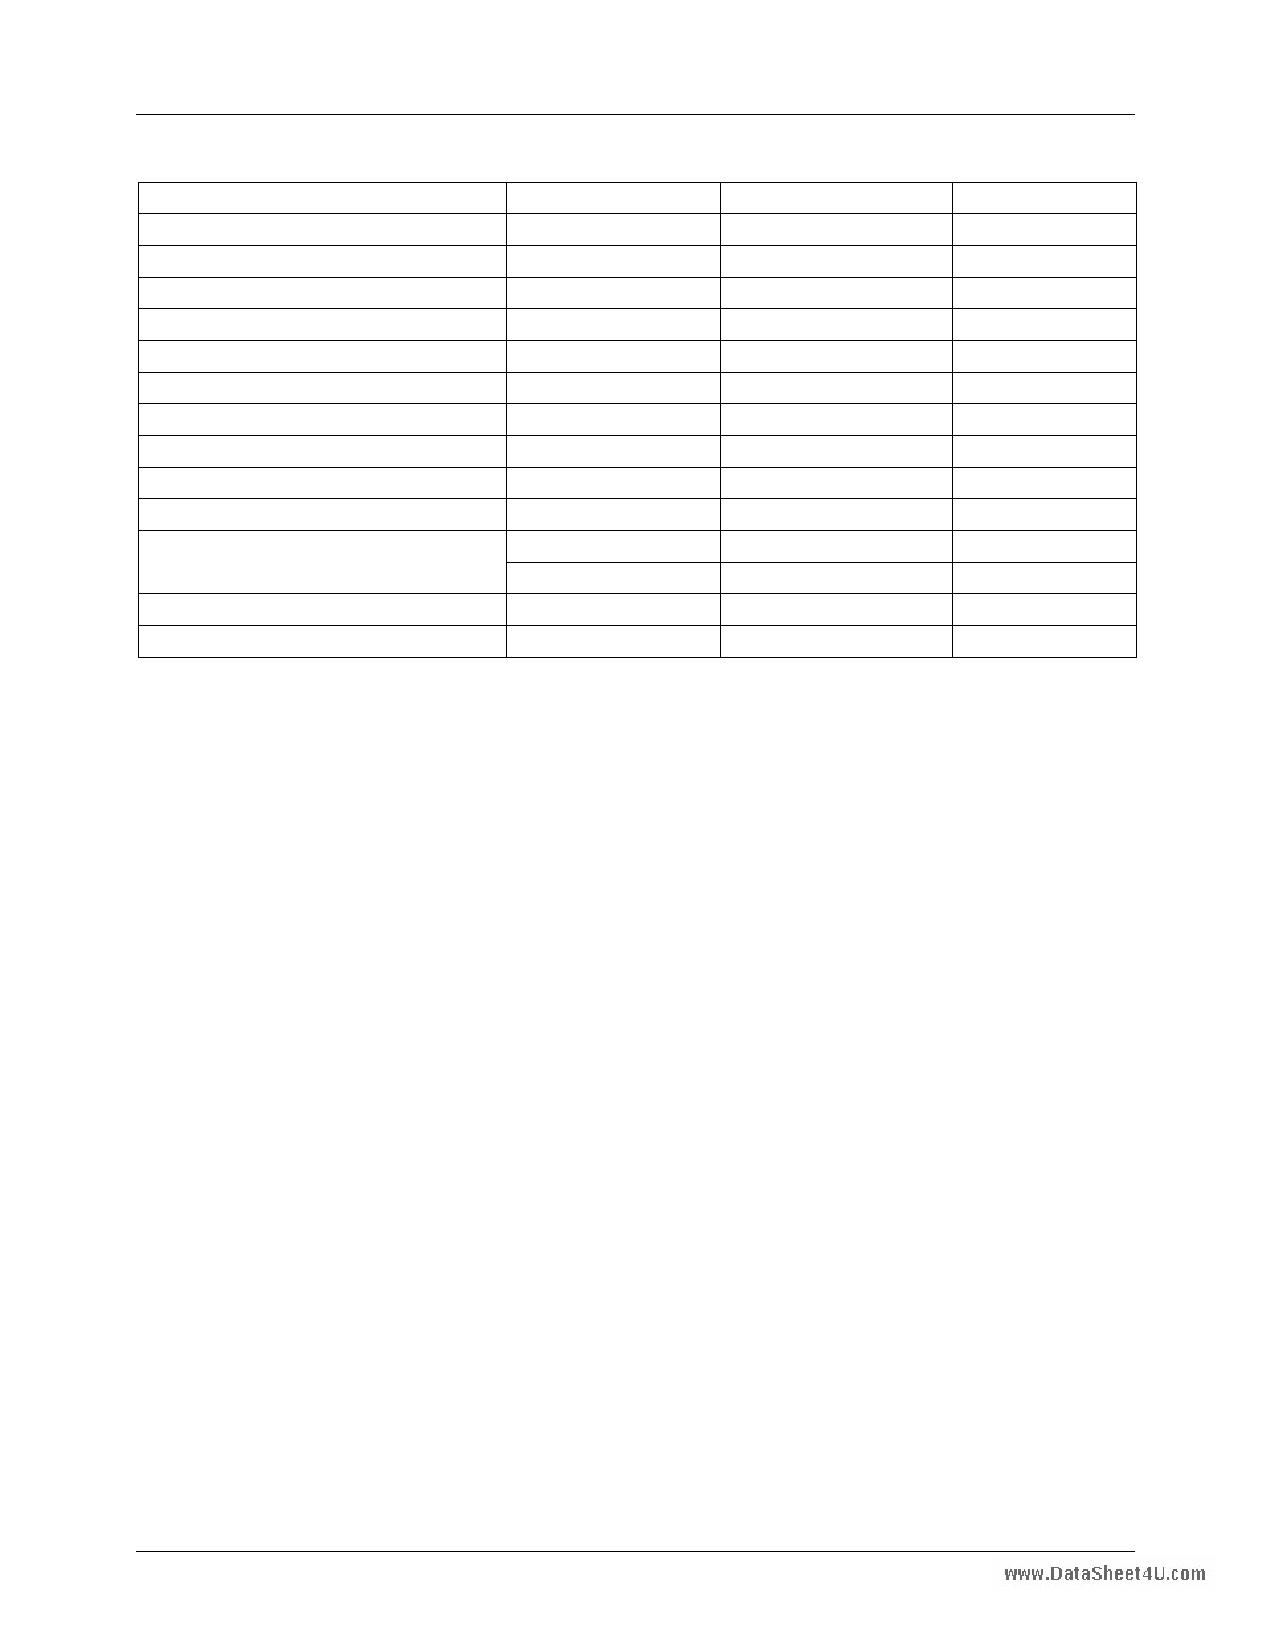 1M0380R pdf schematic